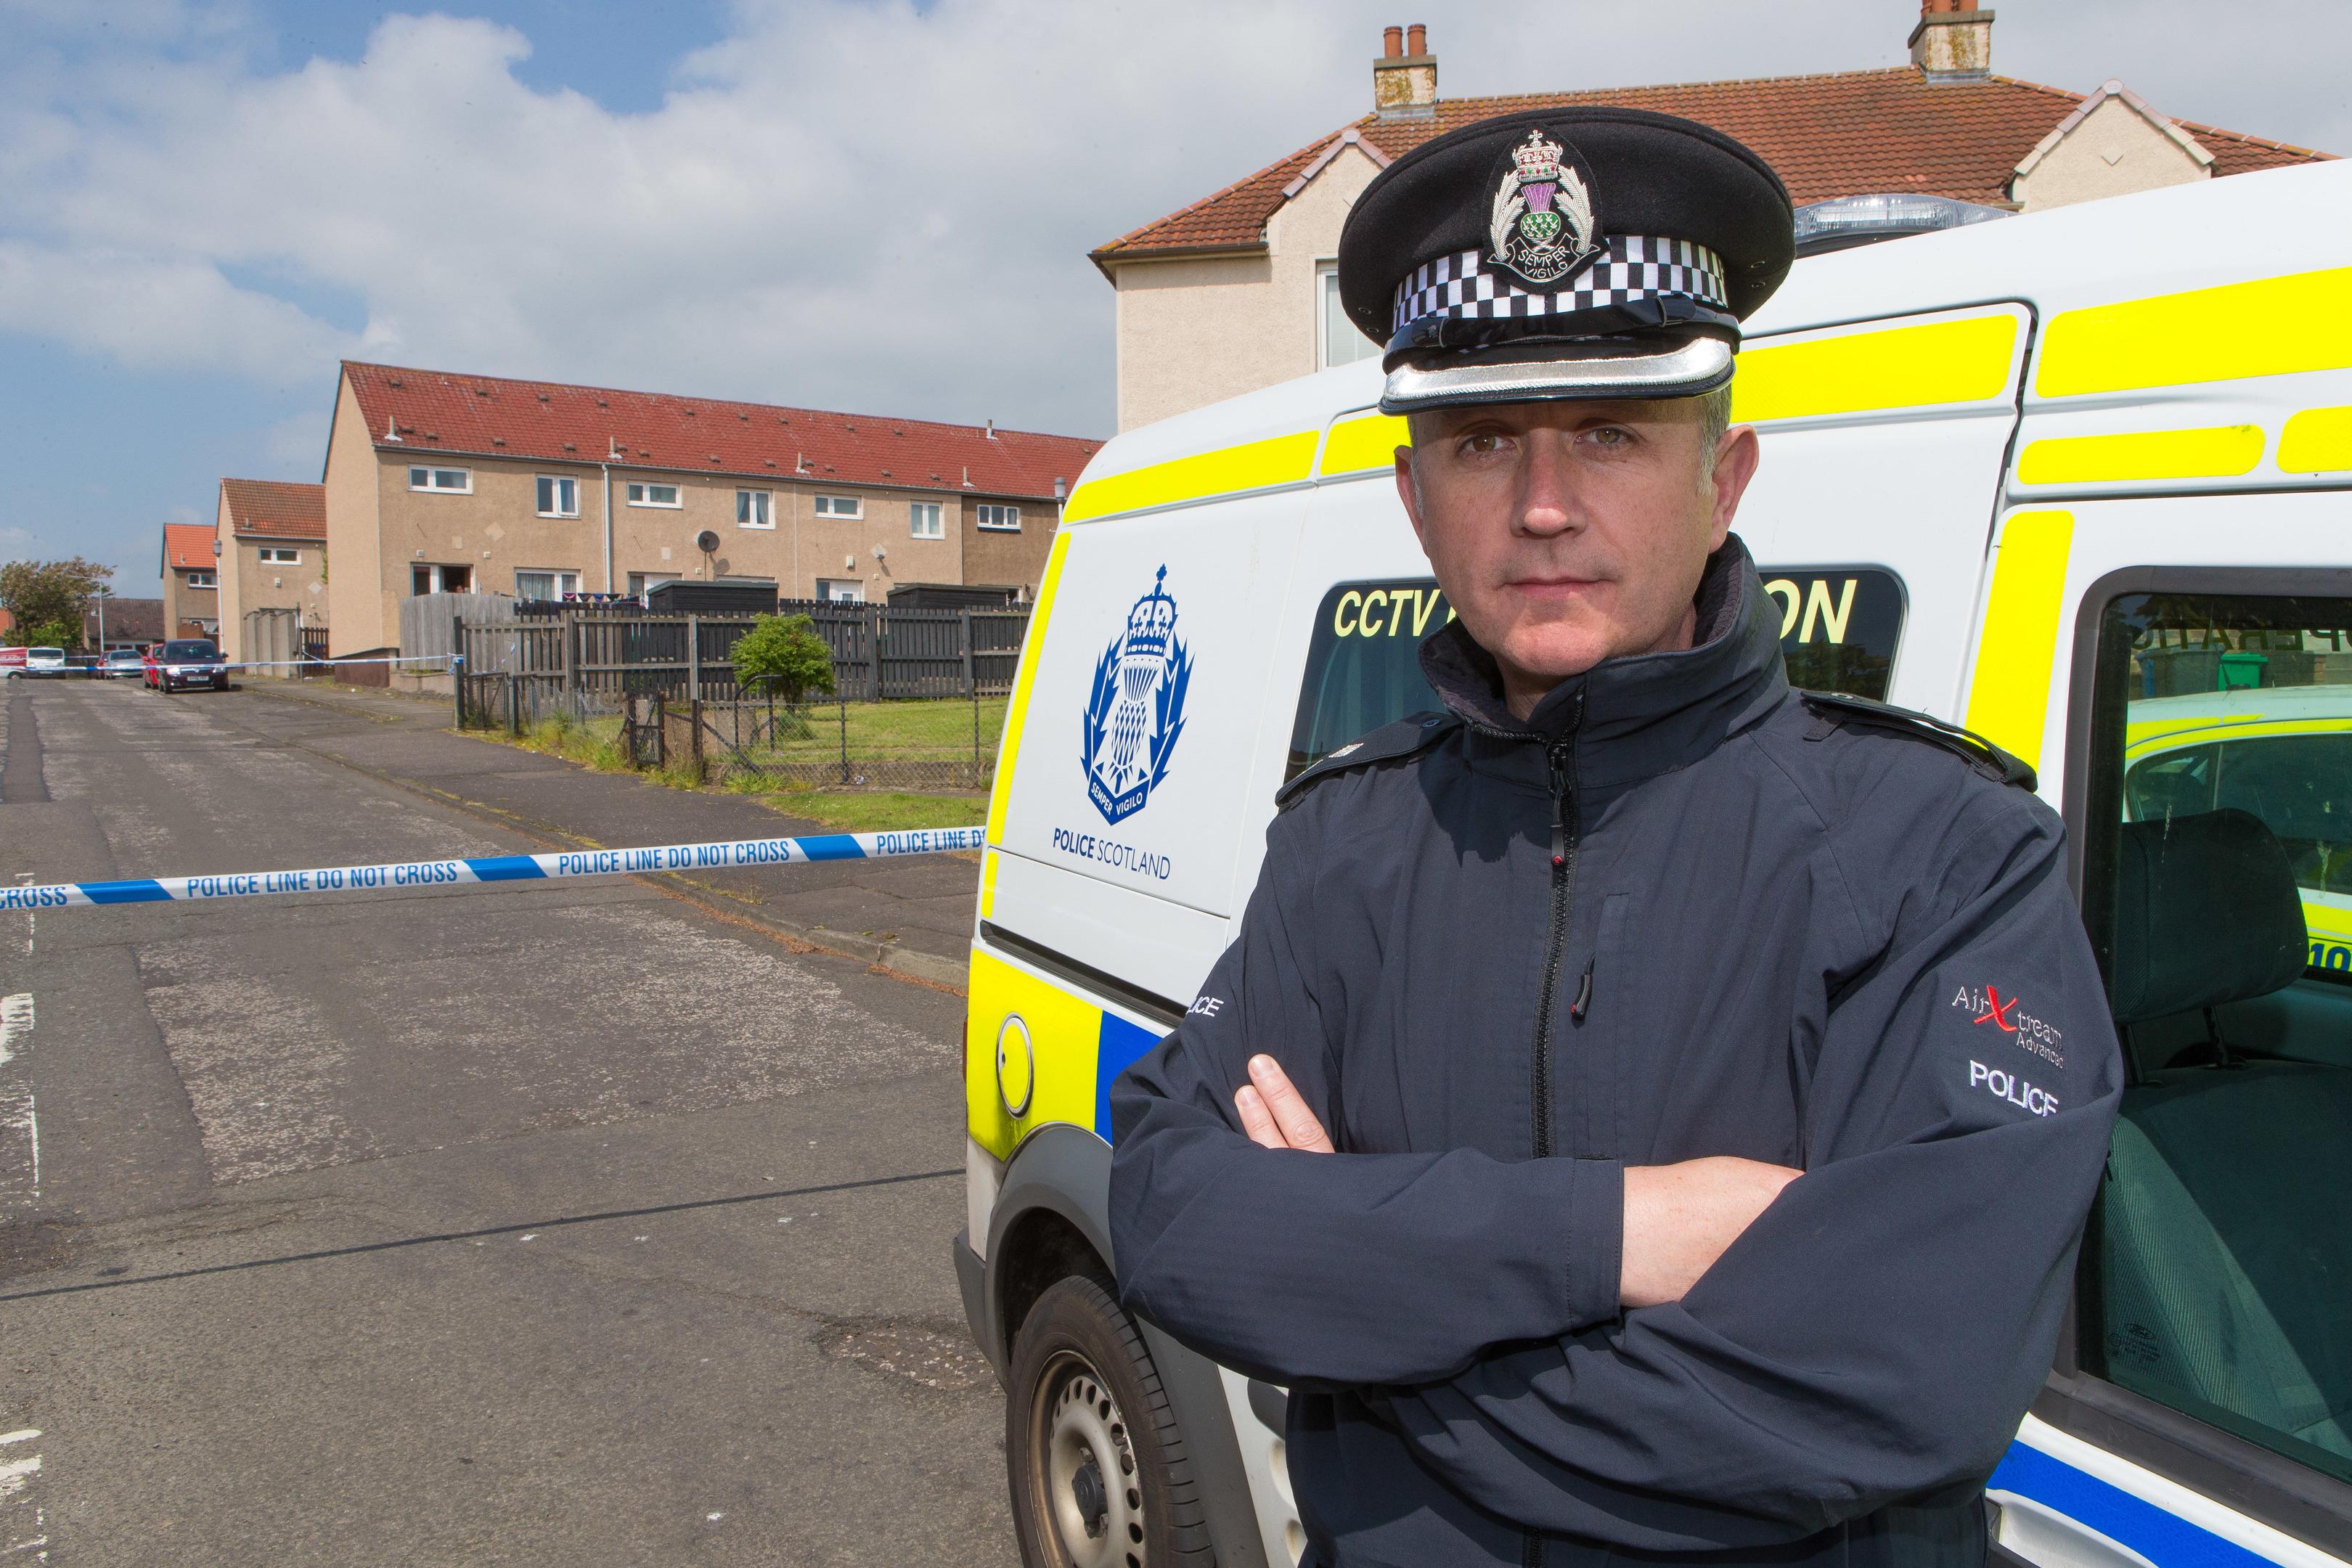 Inspector Graeme Neill